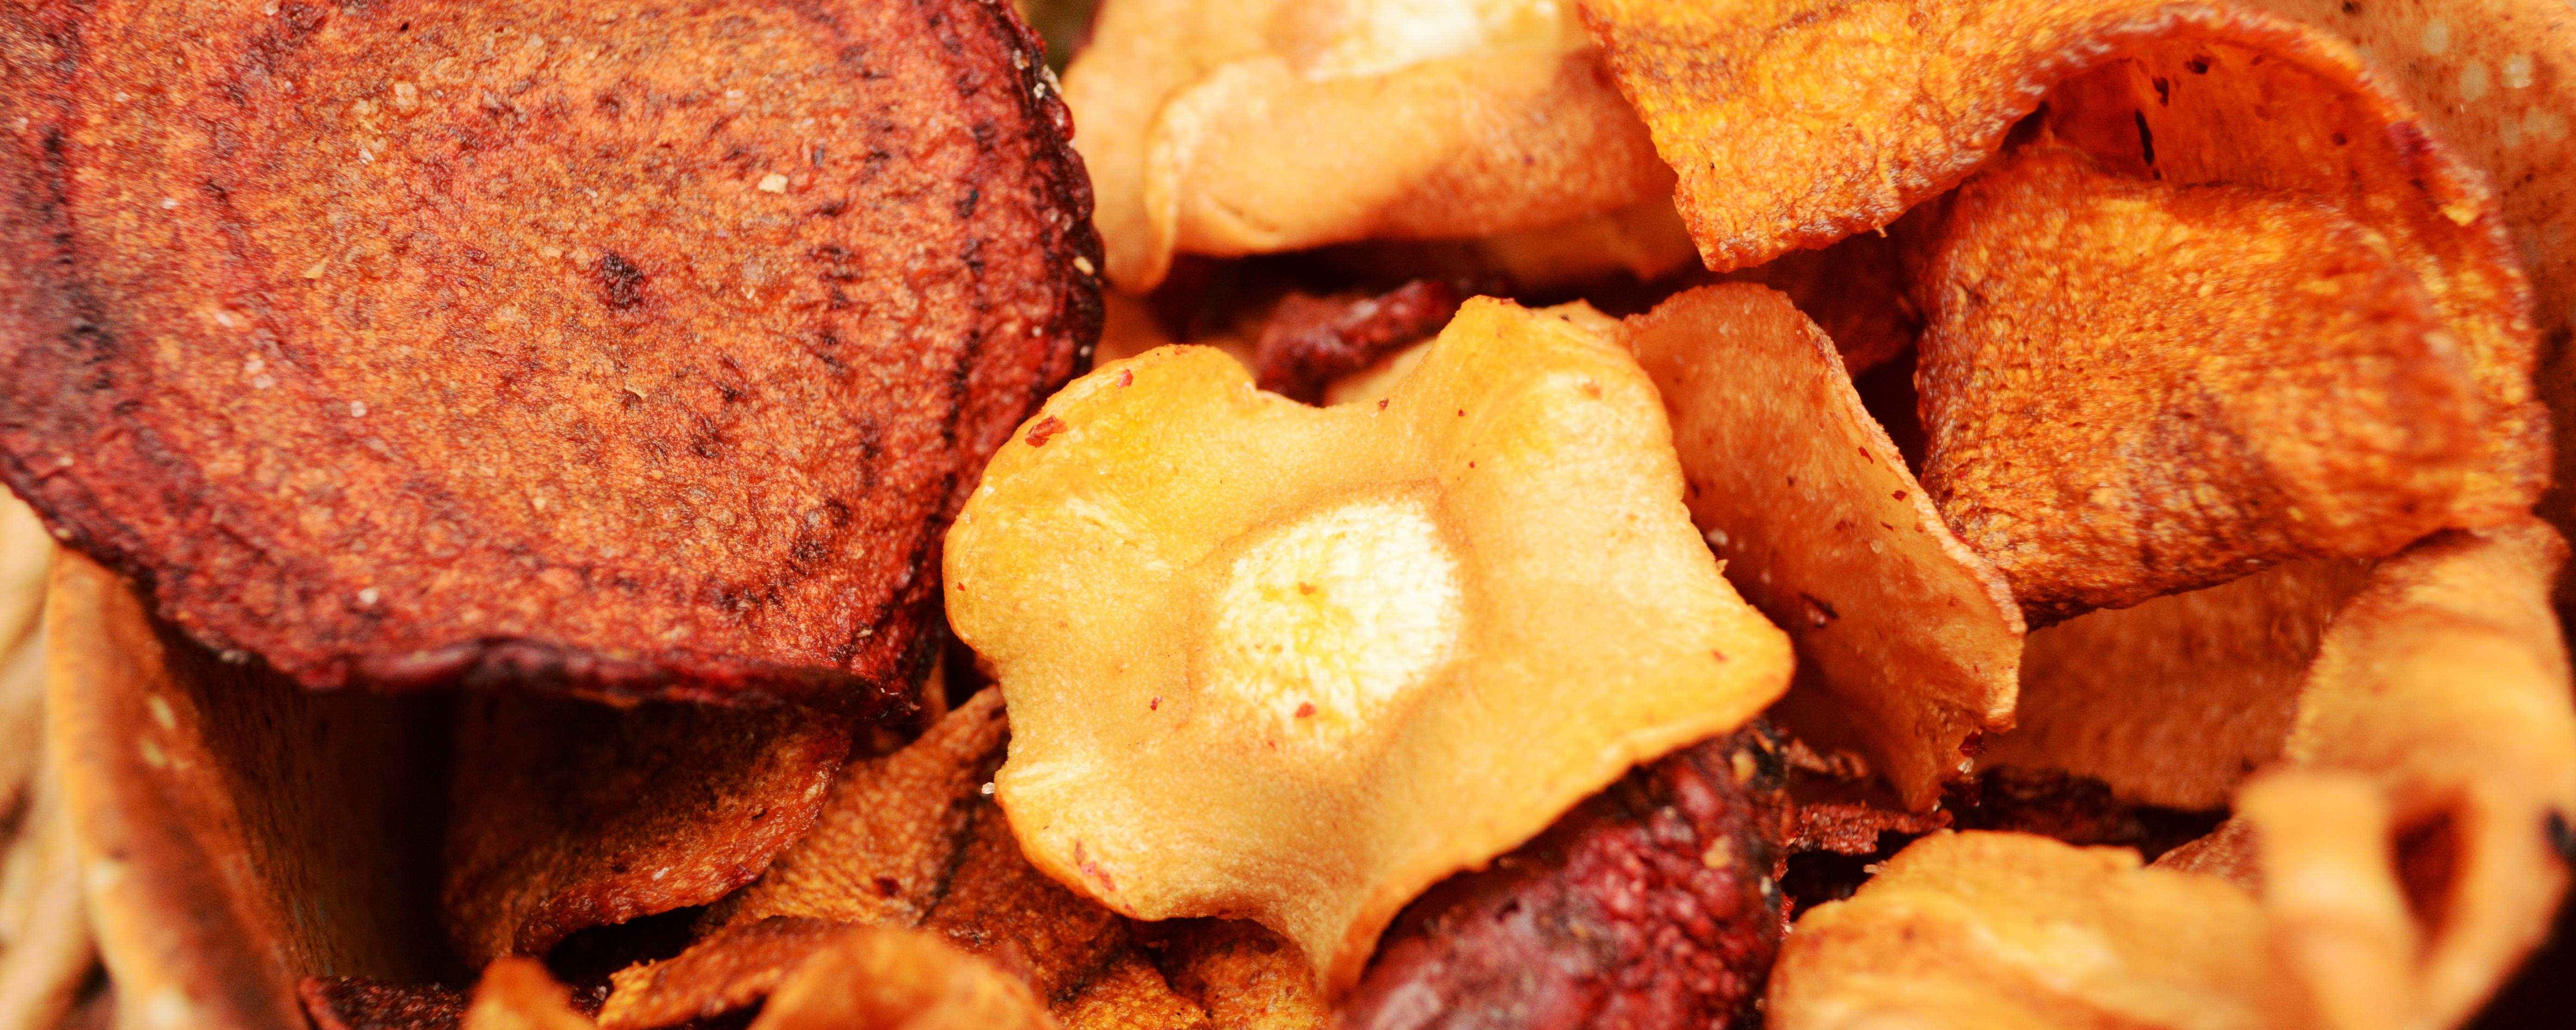 Die Gemüse-Chips in der Detailaufnahme.